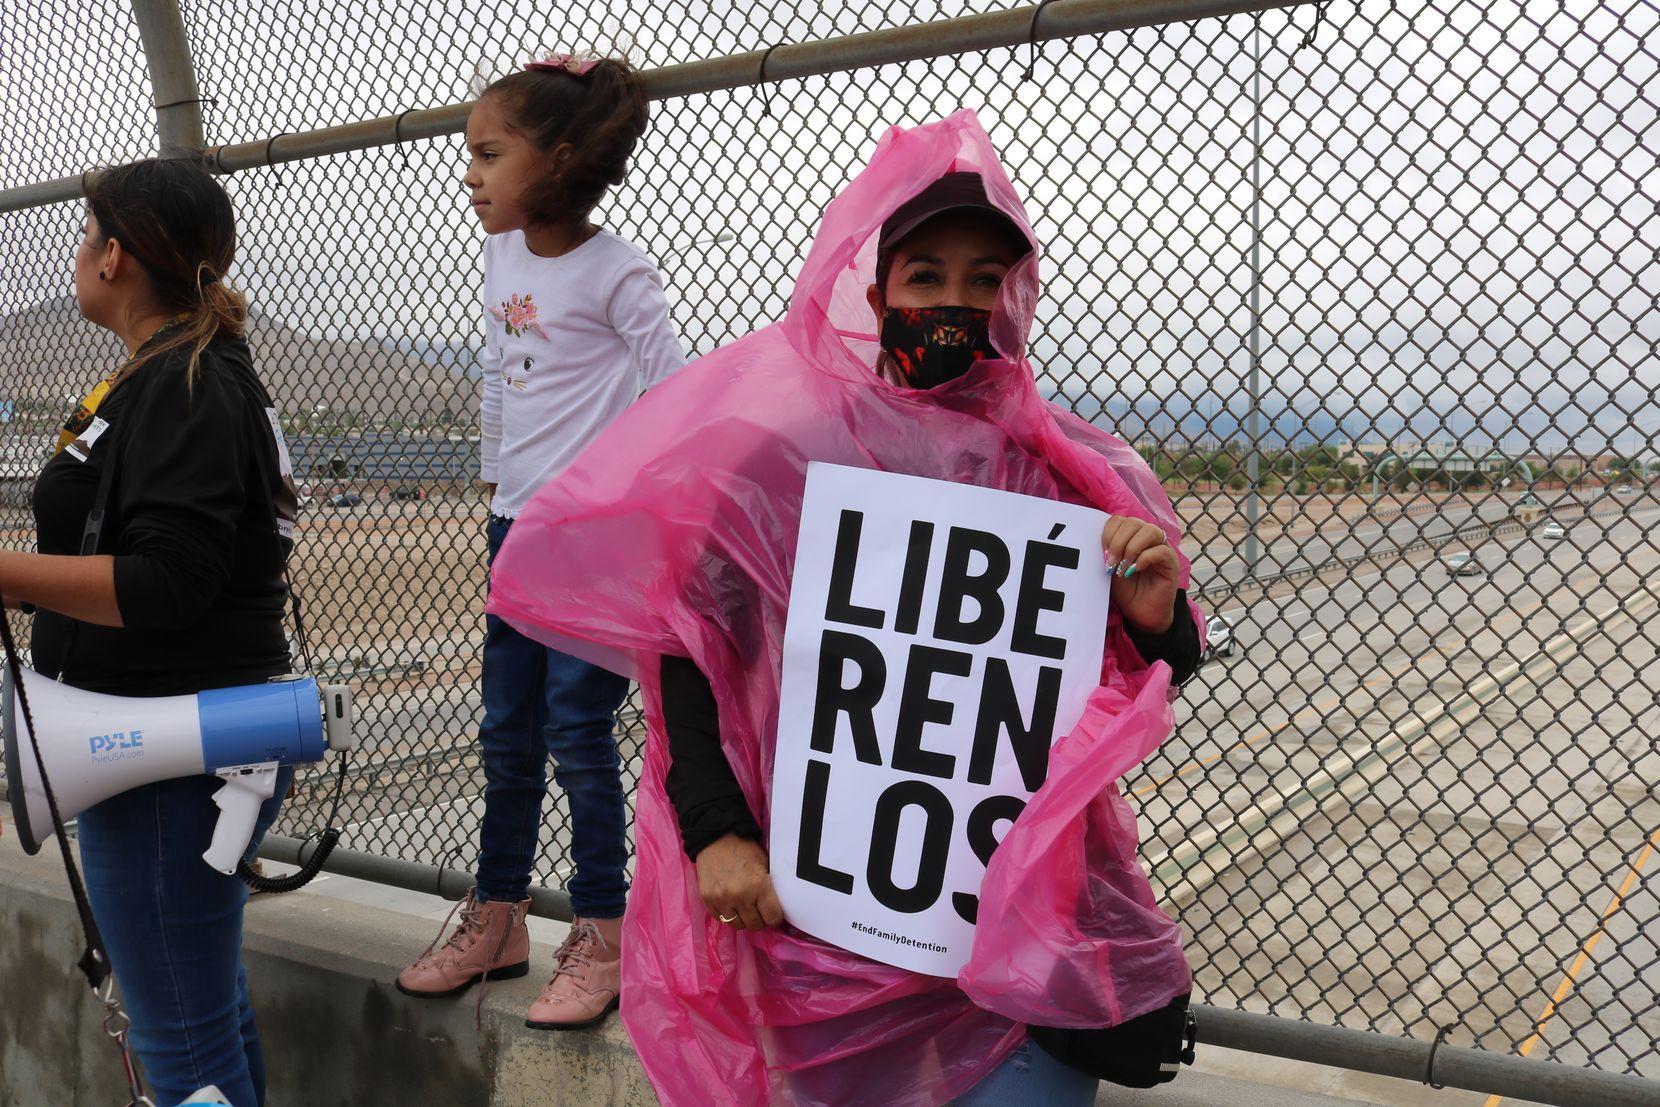 Lourdes Vázquez, de 55 años, sostiene una pancarta en una manifestación del grupo Border Network for Human Rigths (BNHR) para pedir la liberación de menores migrantes que se encuentran retenidos en Fort Bliss, en El Paso, Texas. Aun lado se encuentra, Dulce Carlos, de 29 años, sosteniendo un megáfono en compañía de su hija Myriam Chavarría, de 7 años.